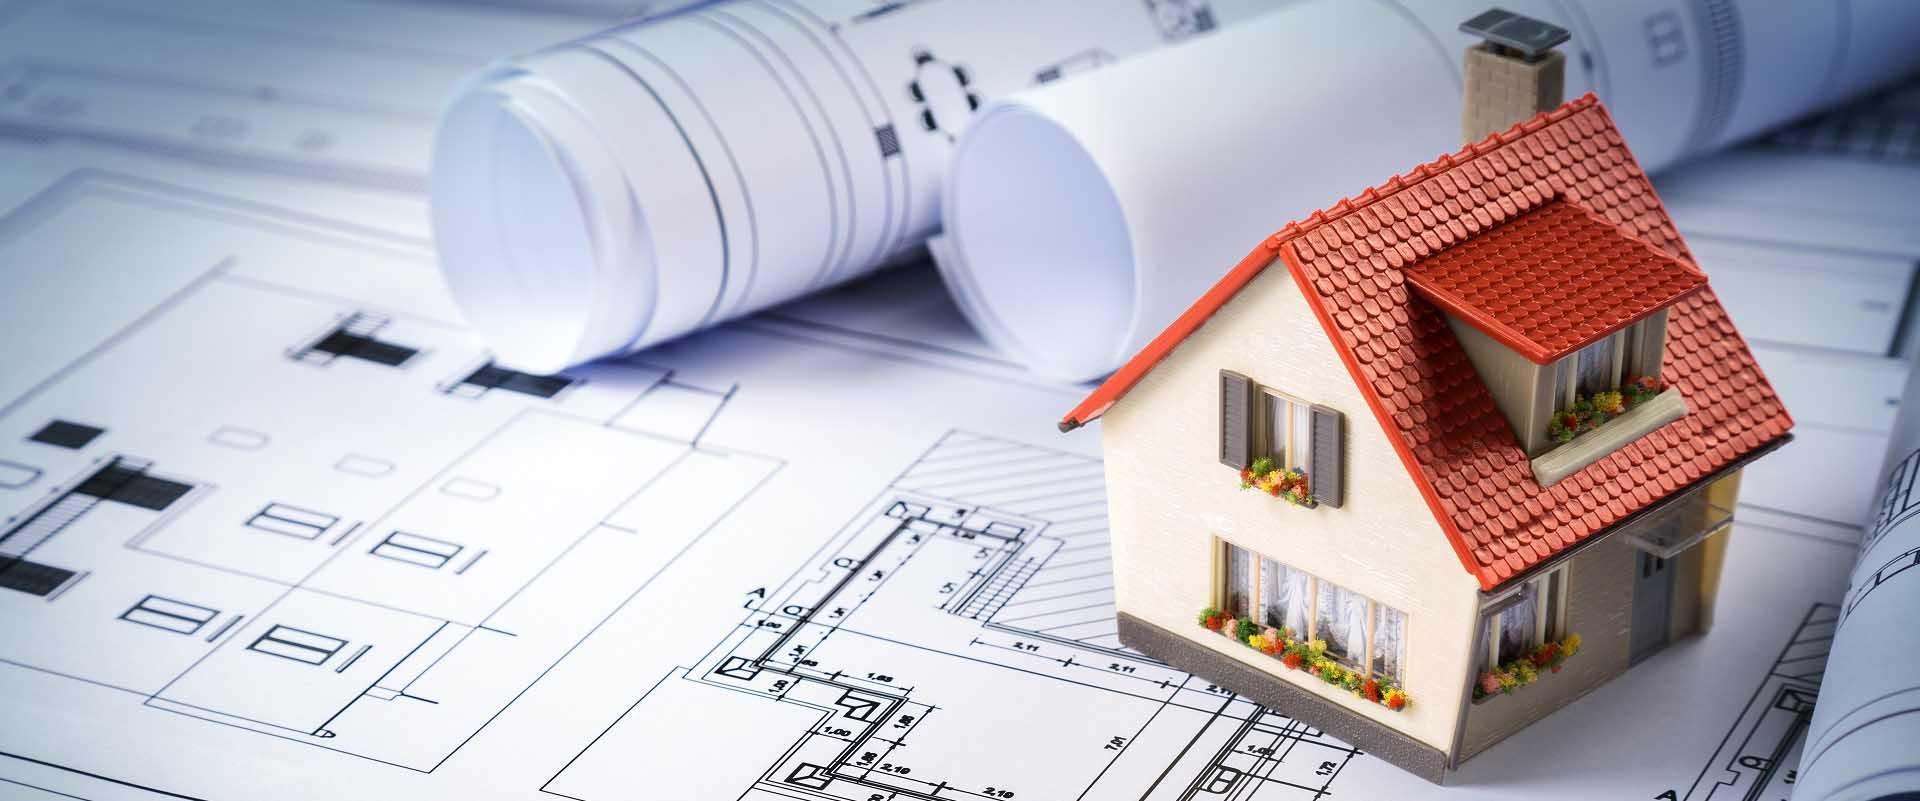 Ristrutturare Appartamento Costi Meda